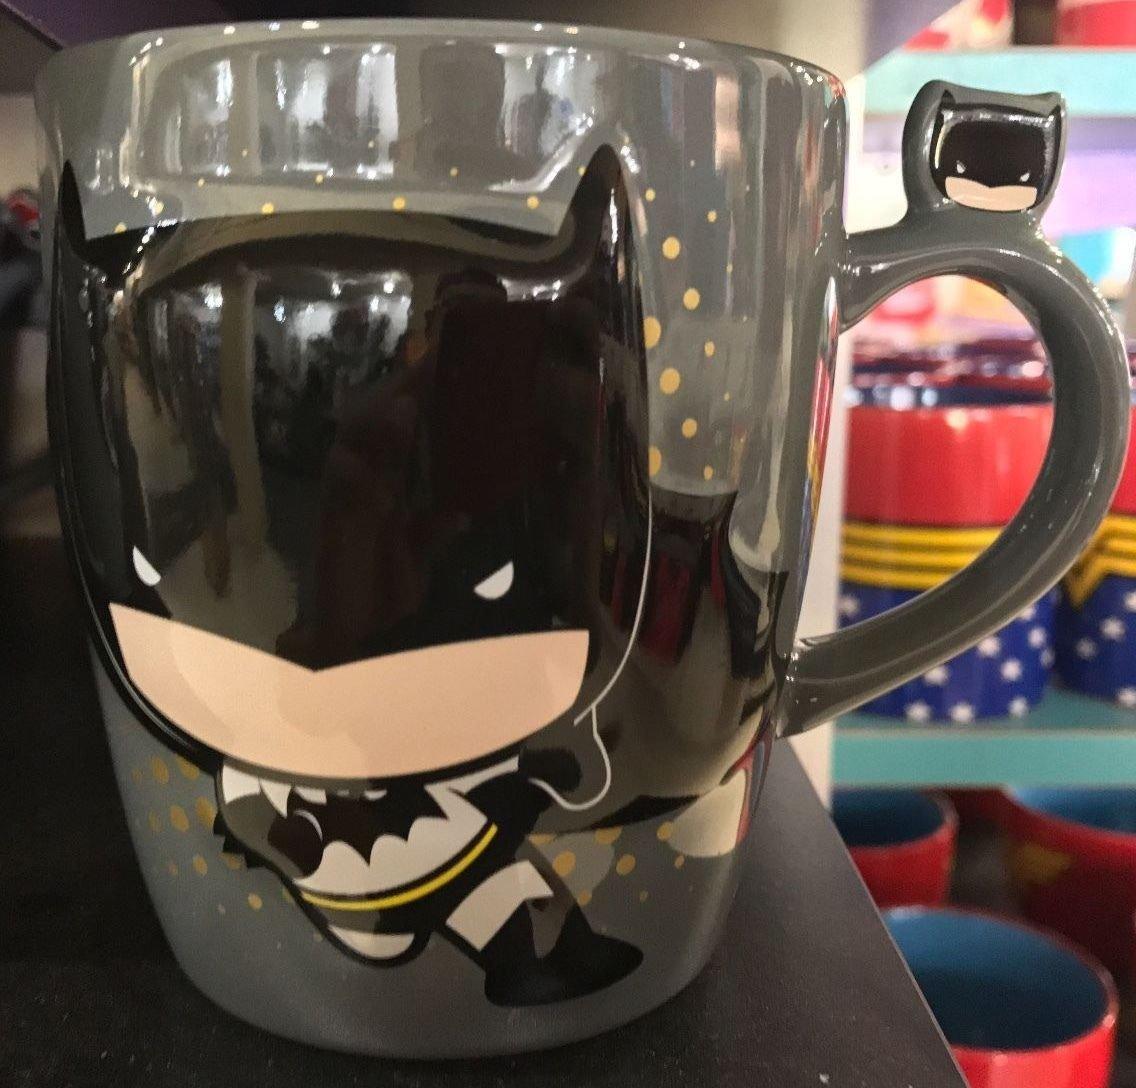 Six Flags Magic Mountain Dc Comics Batman Cuties Chibi Ceramic Mug New